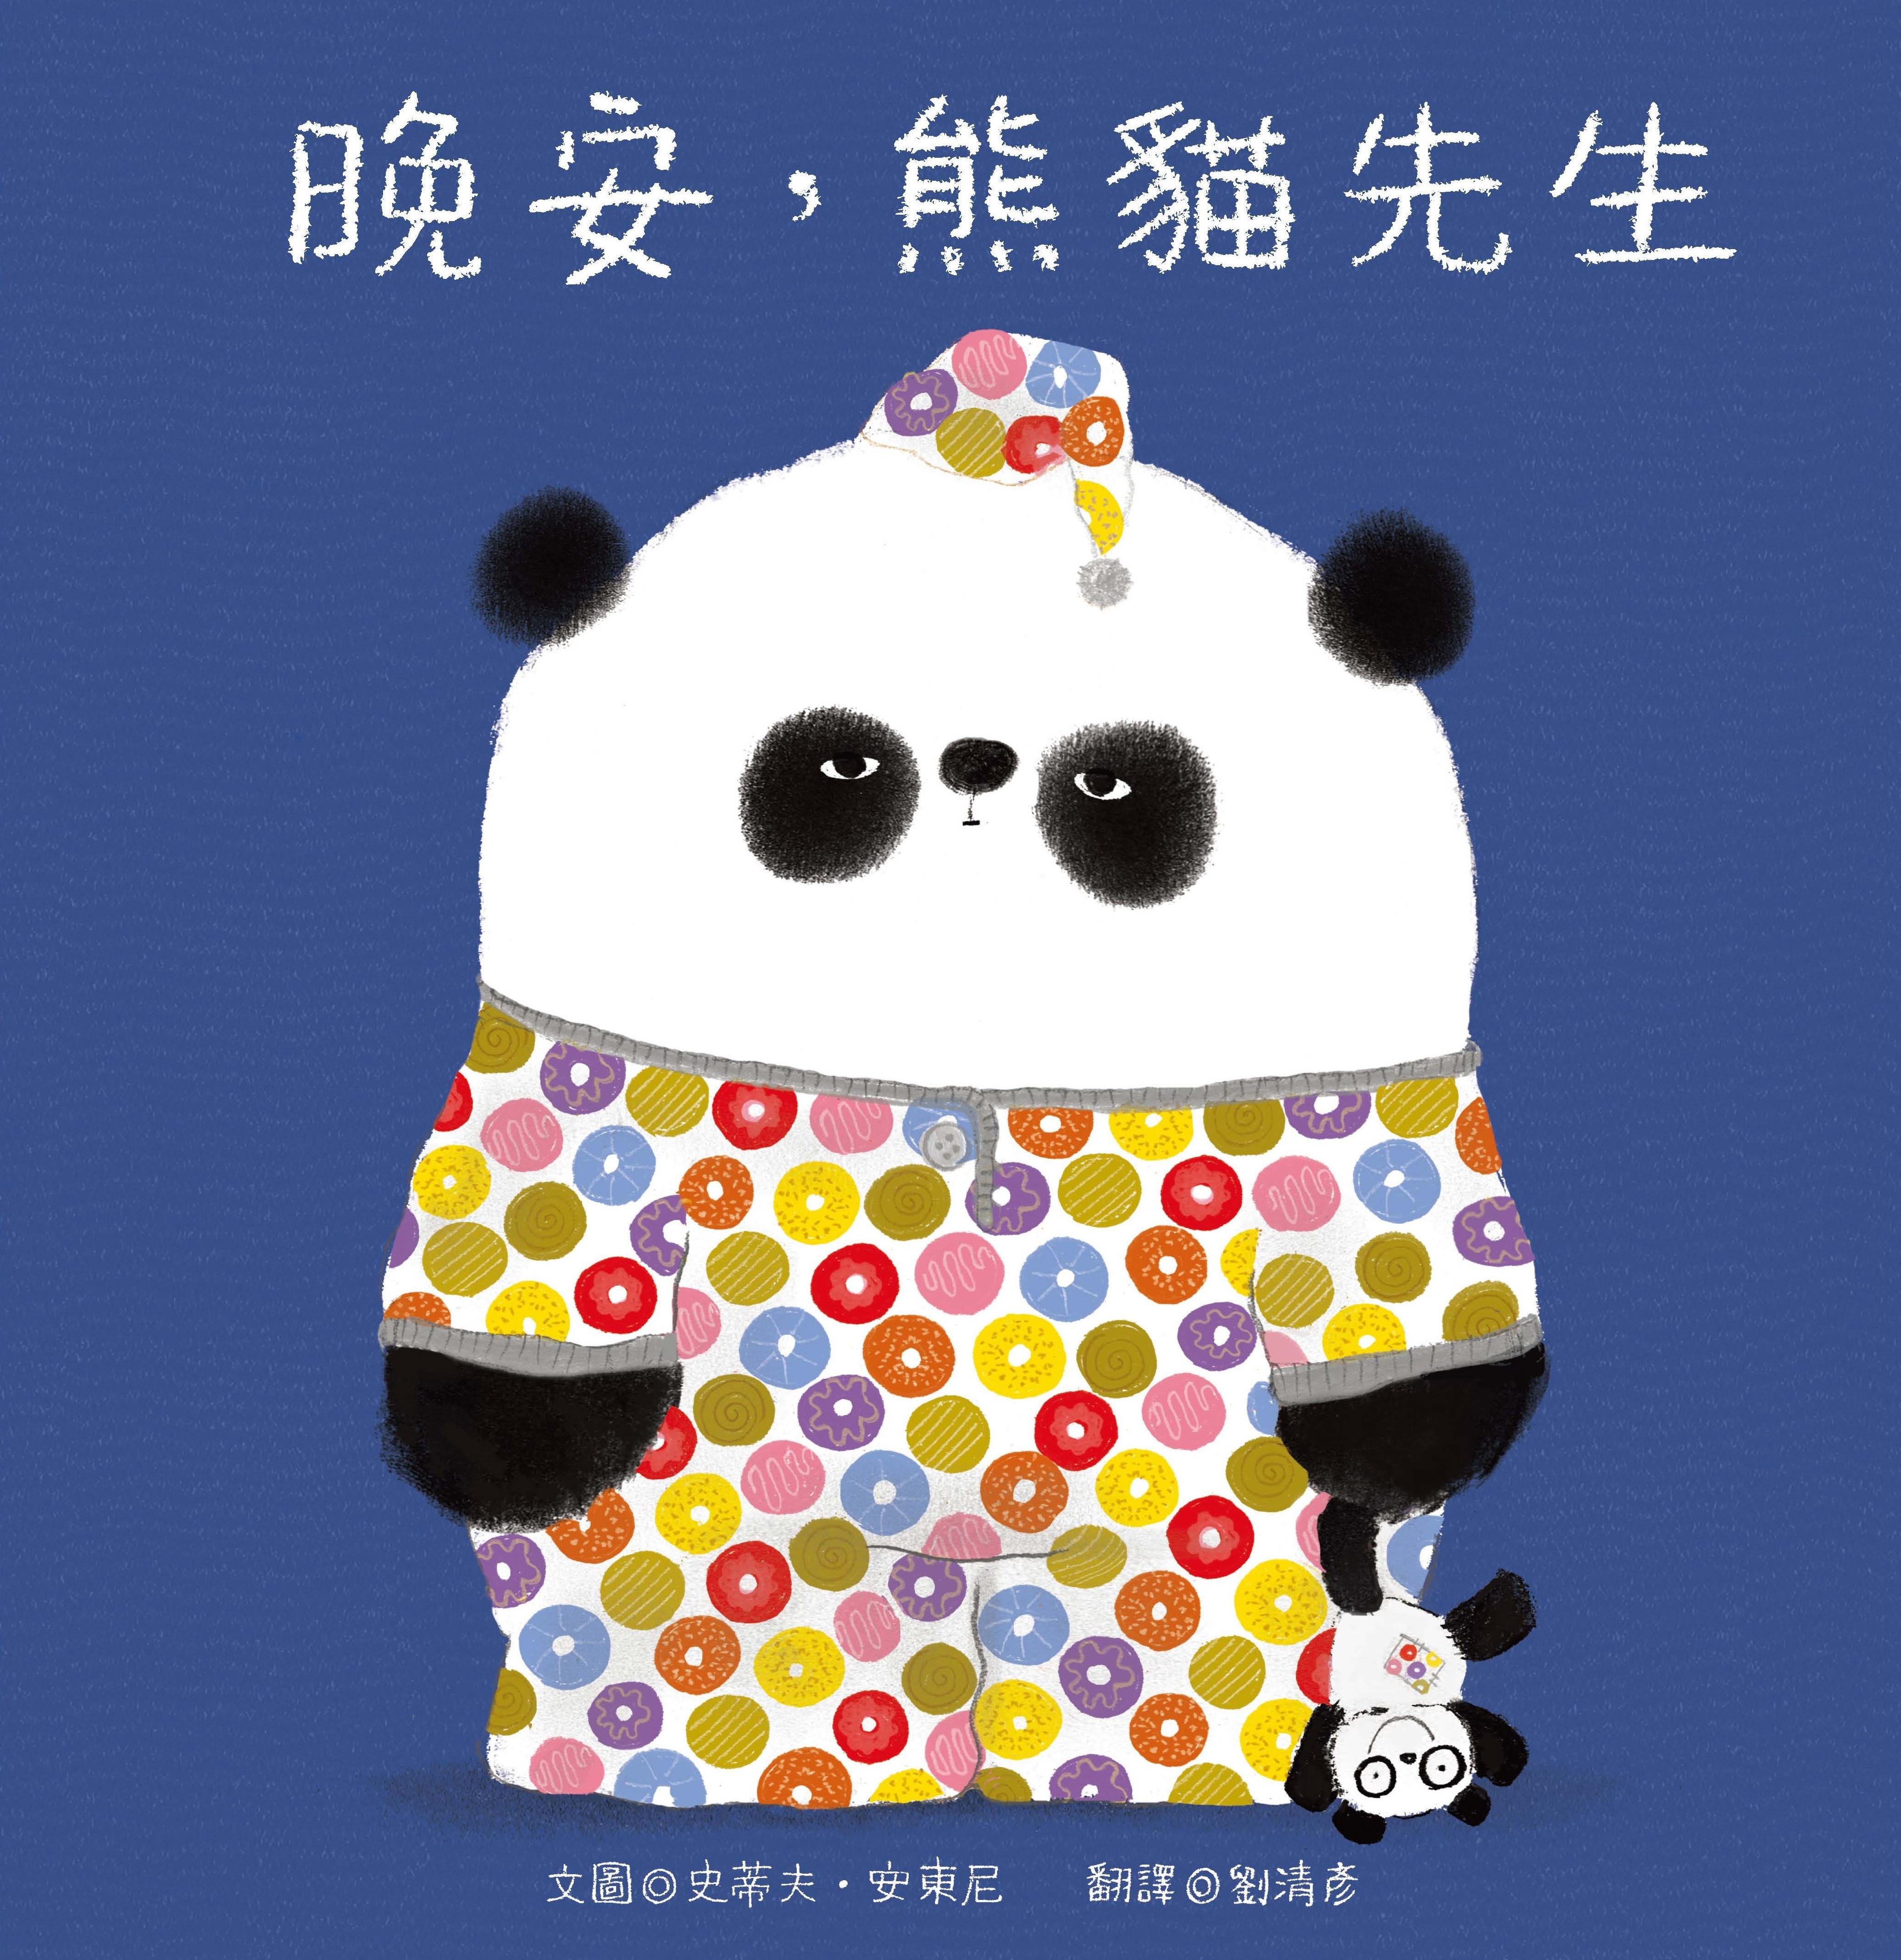 晚安,熊貓先生( Goodnight, Mr. Panda)封面圖